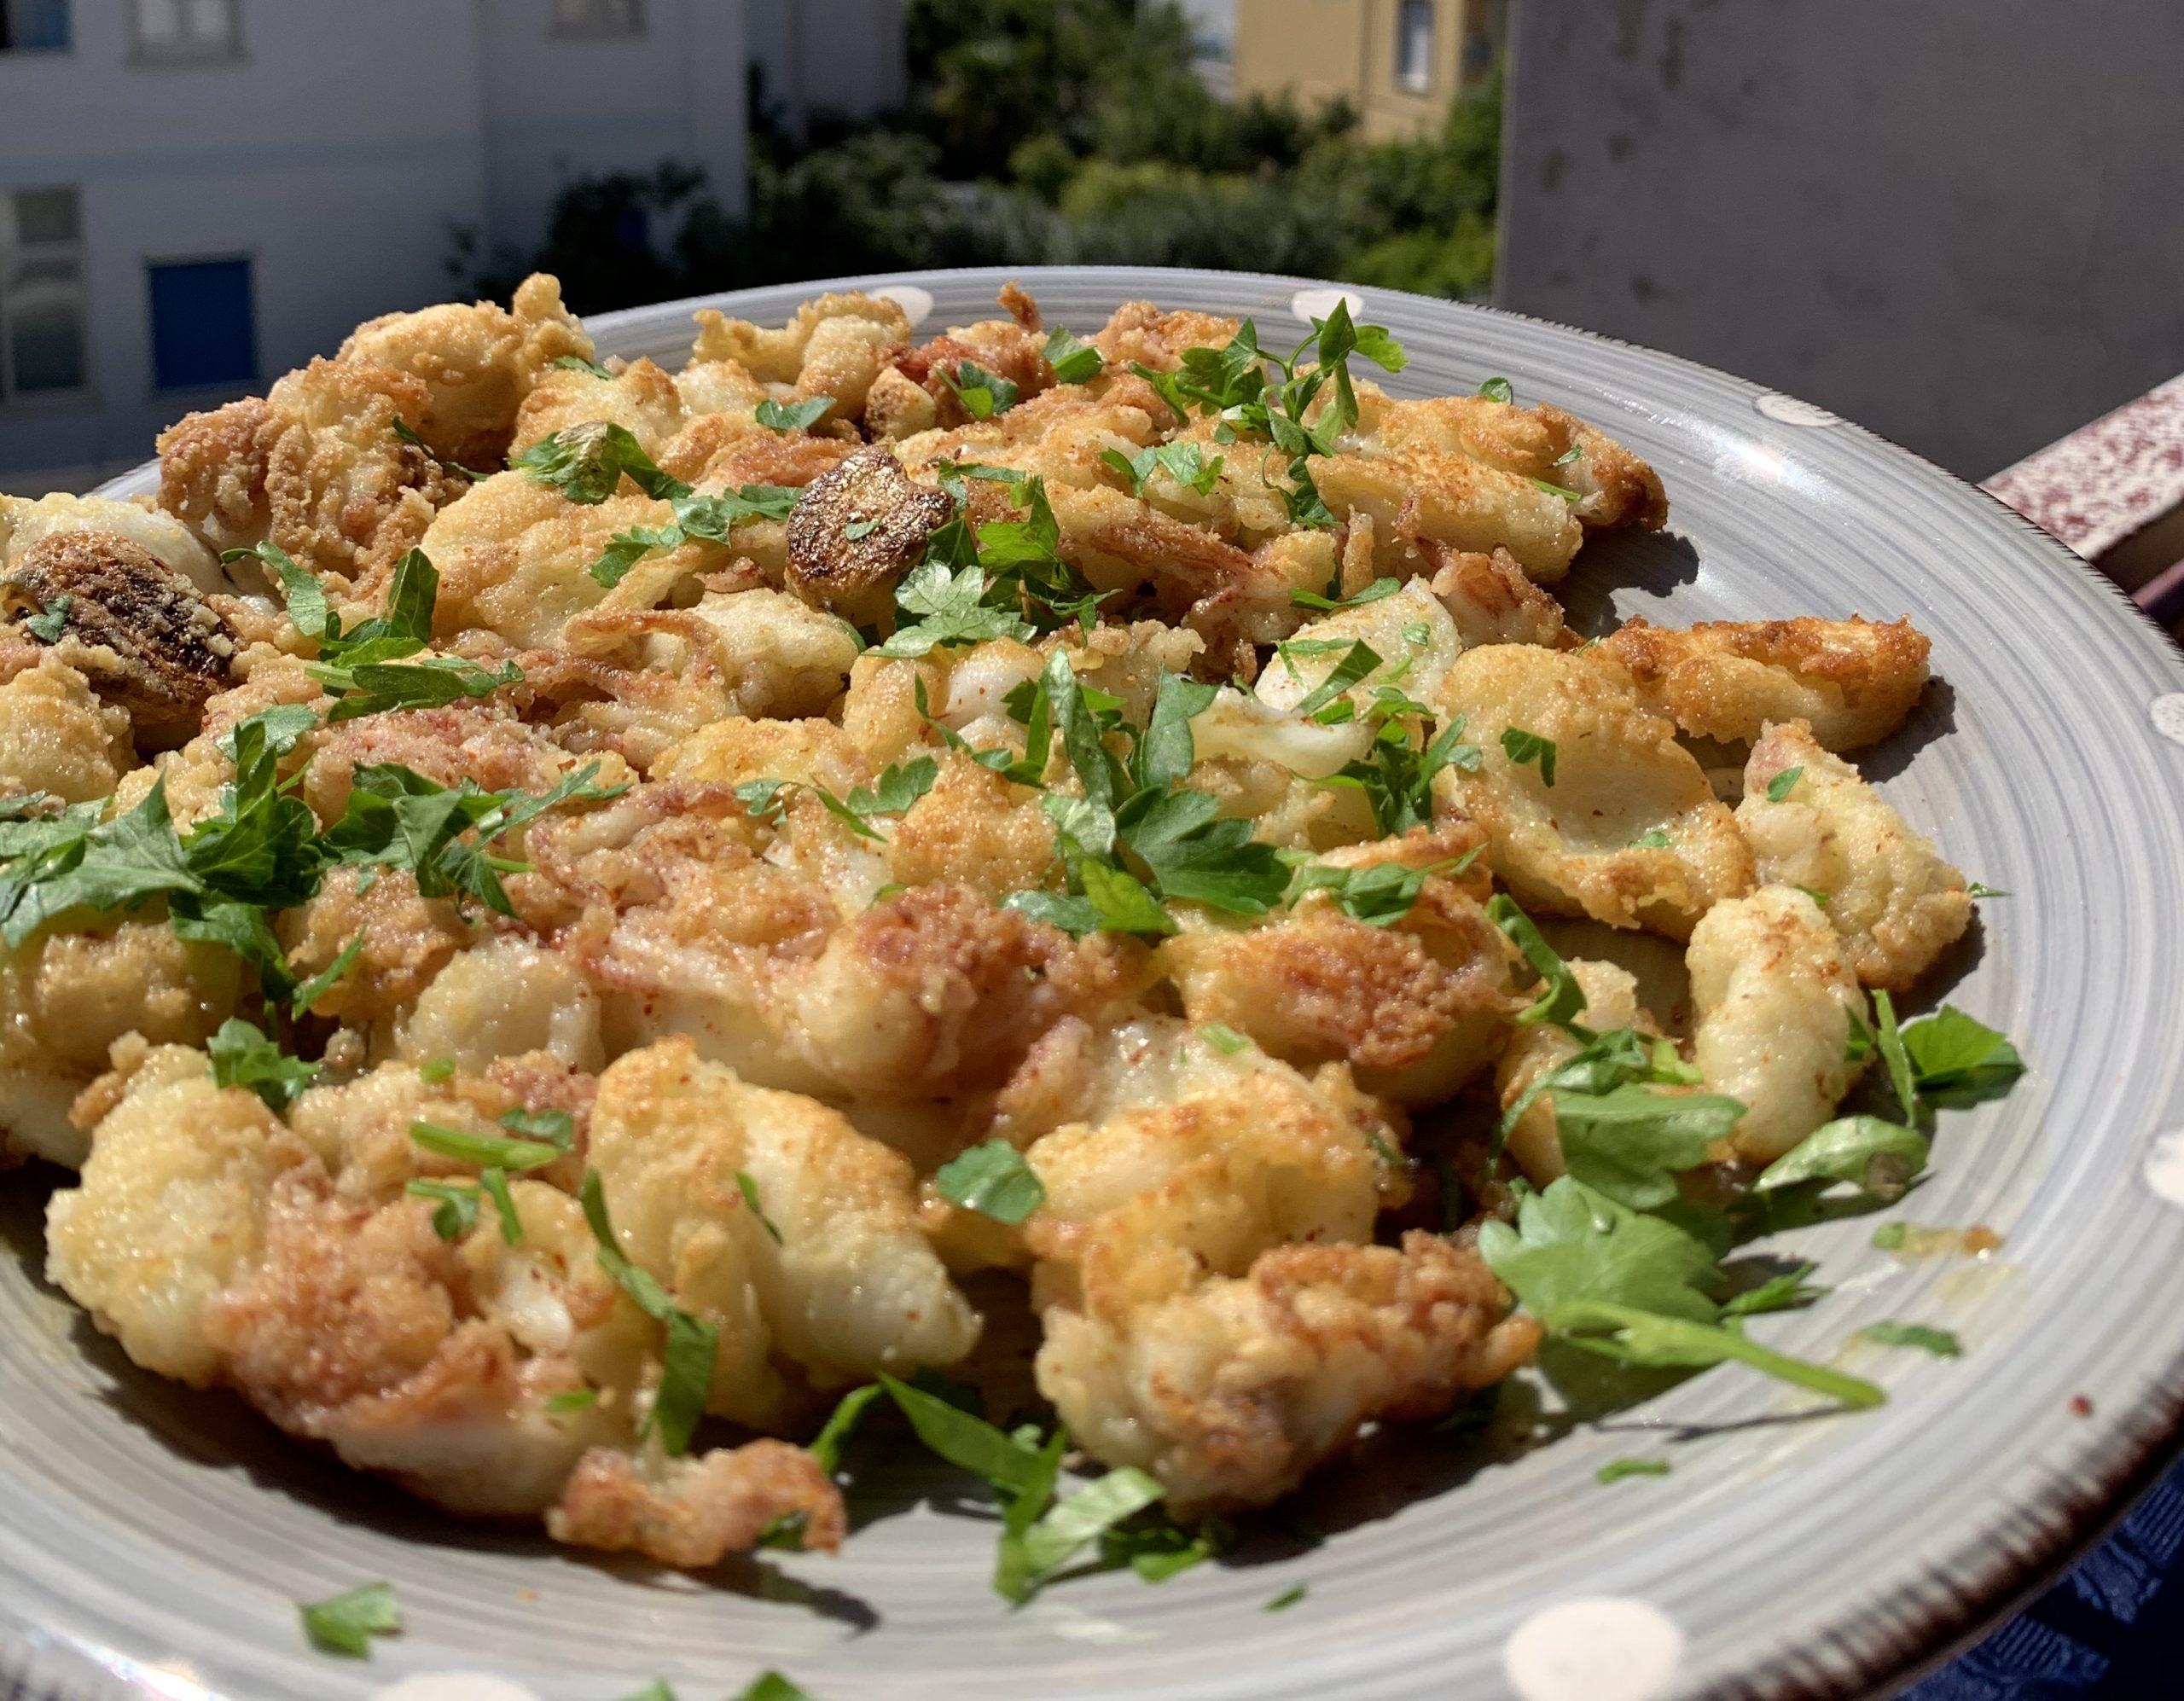 la votapiatto di calamarelle, piatto tipico della tradizione gaetana.